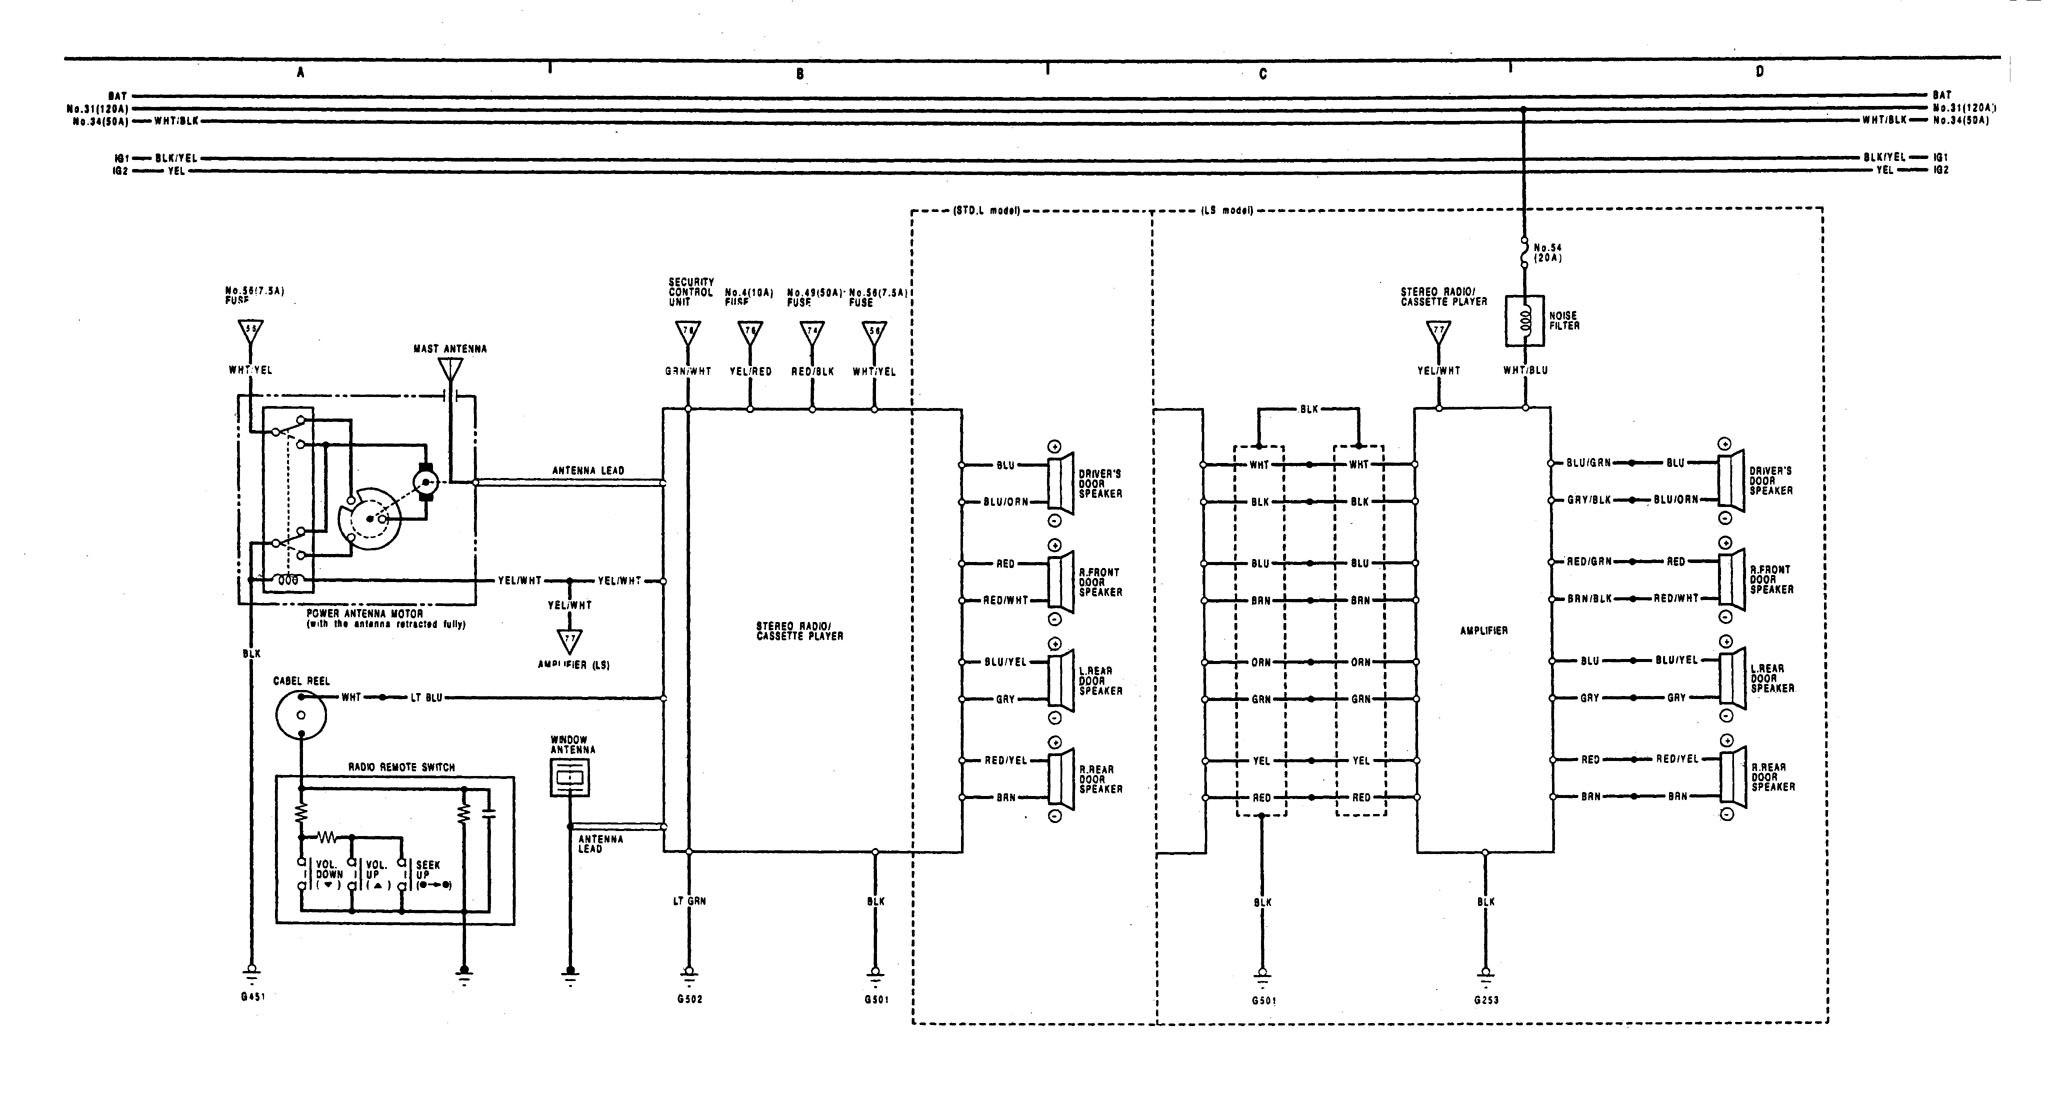 Acura Legend  1991  - Wiring Diagram - Audio